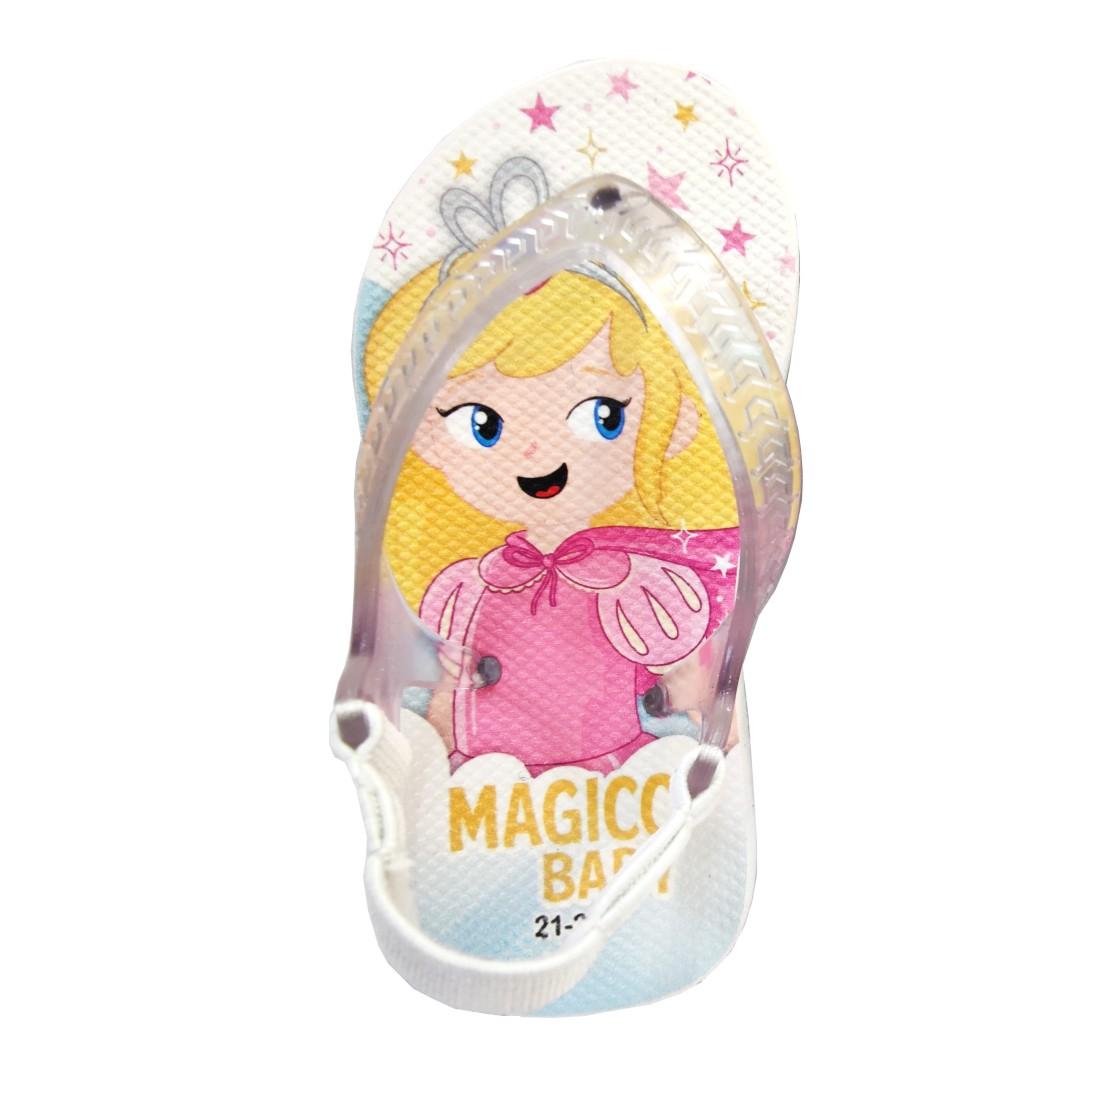 Chinelo Menina Bebê Sandália Princesa Estrelinhas Magicc Baby